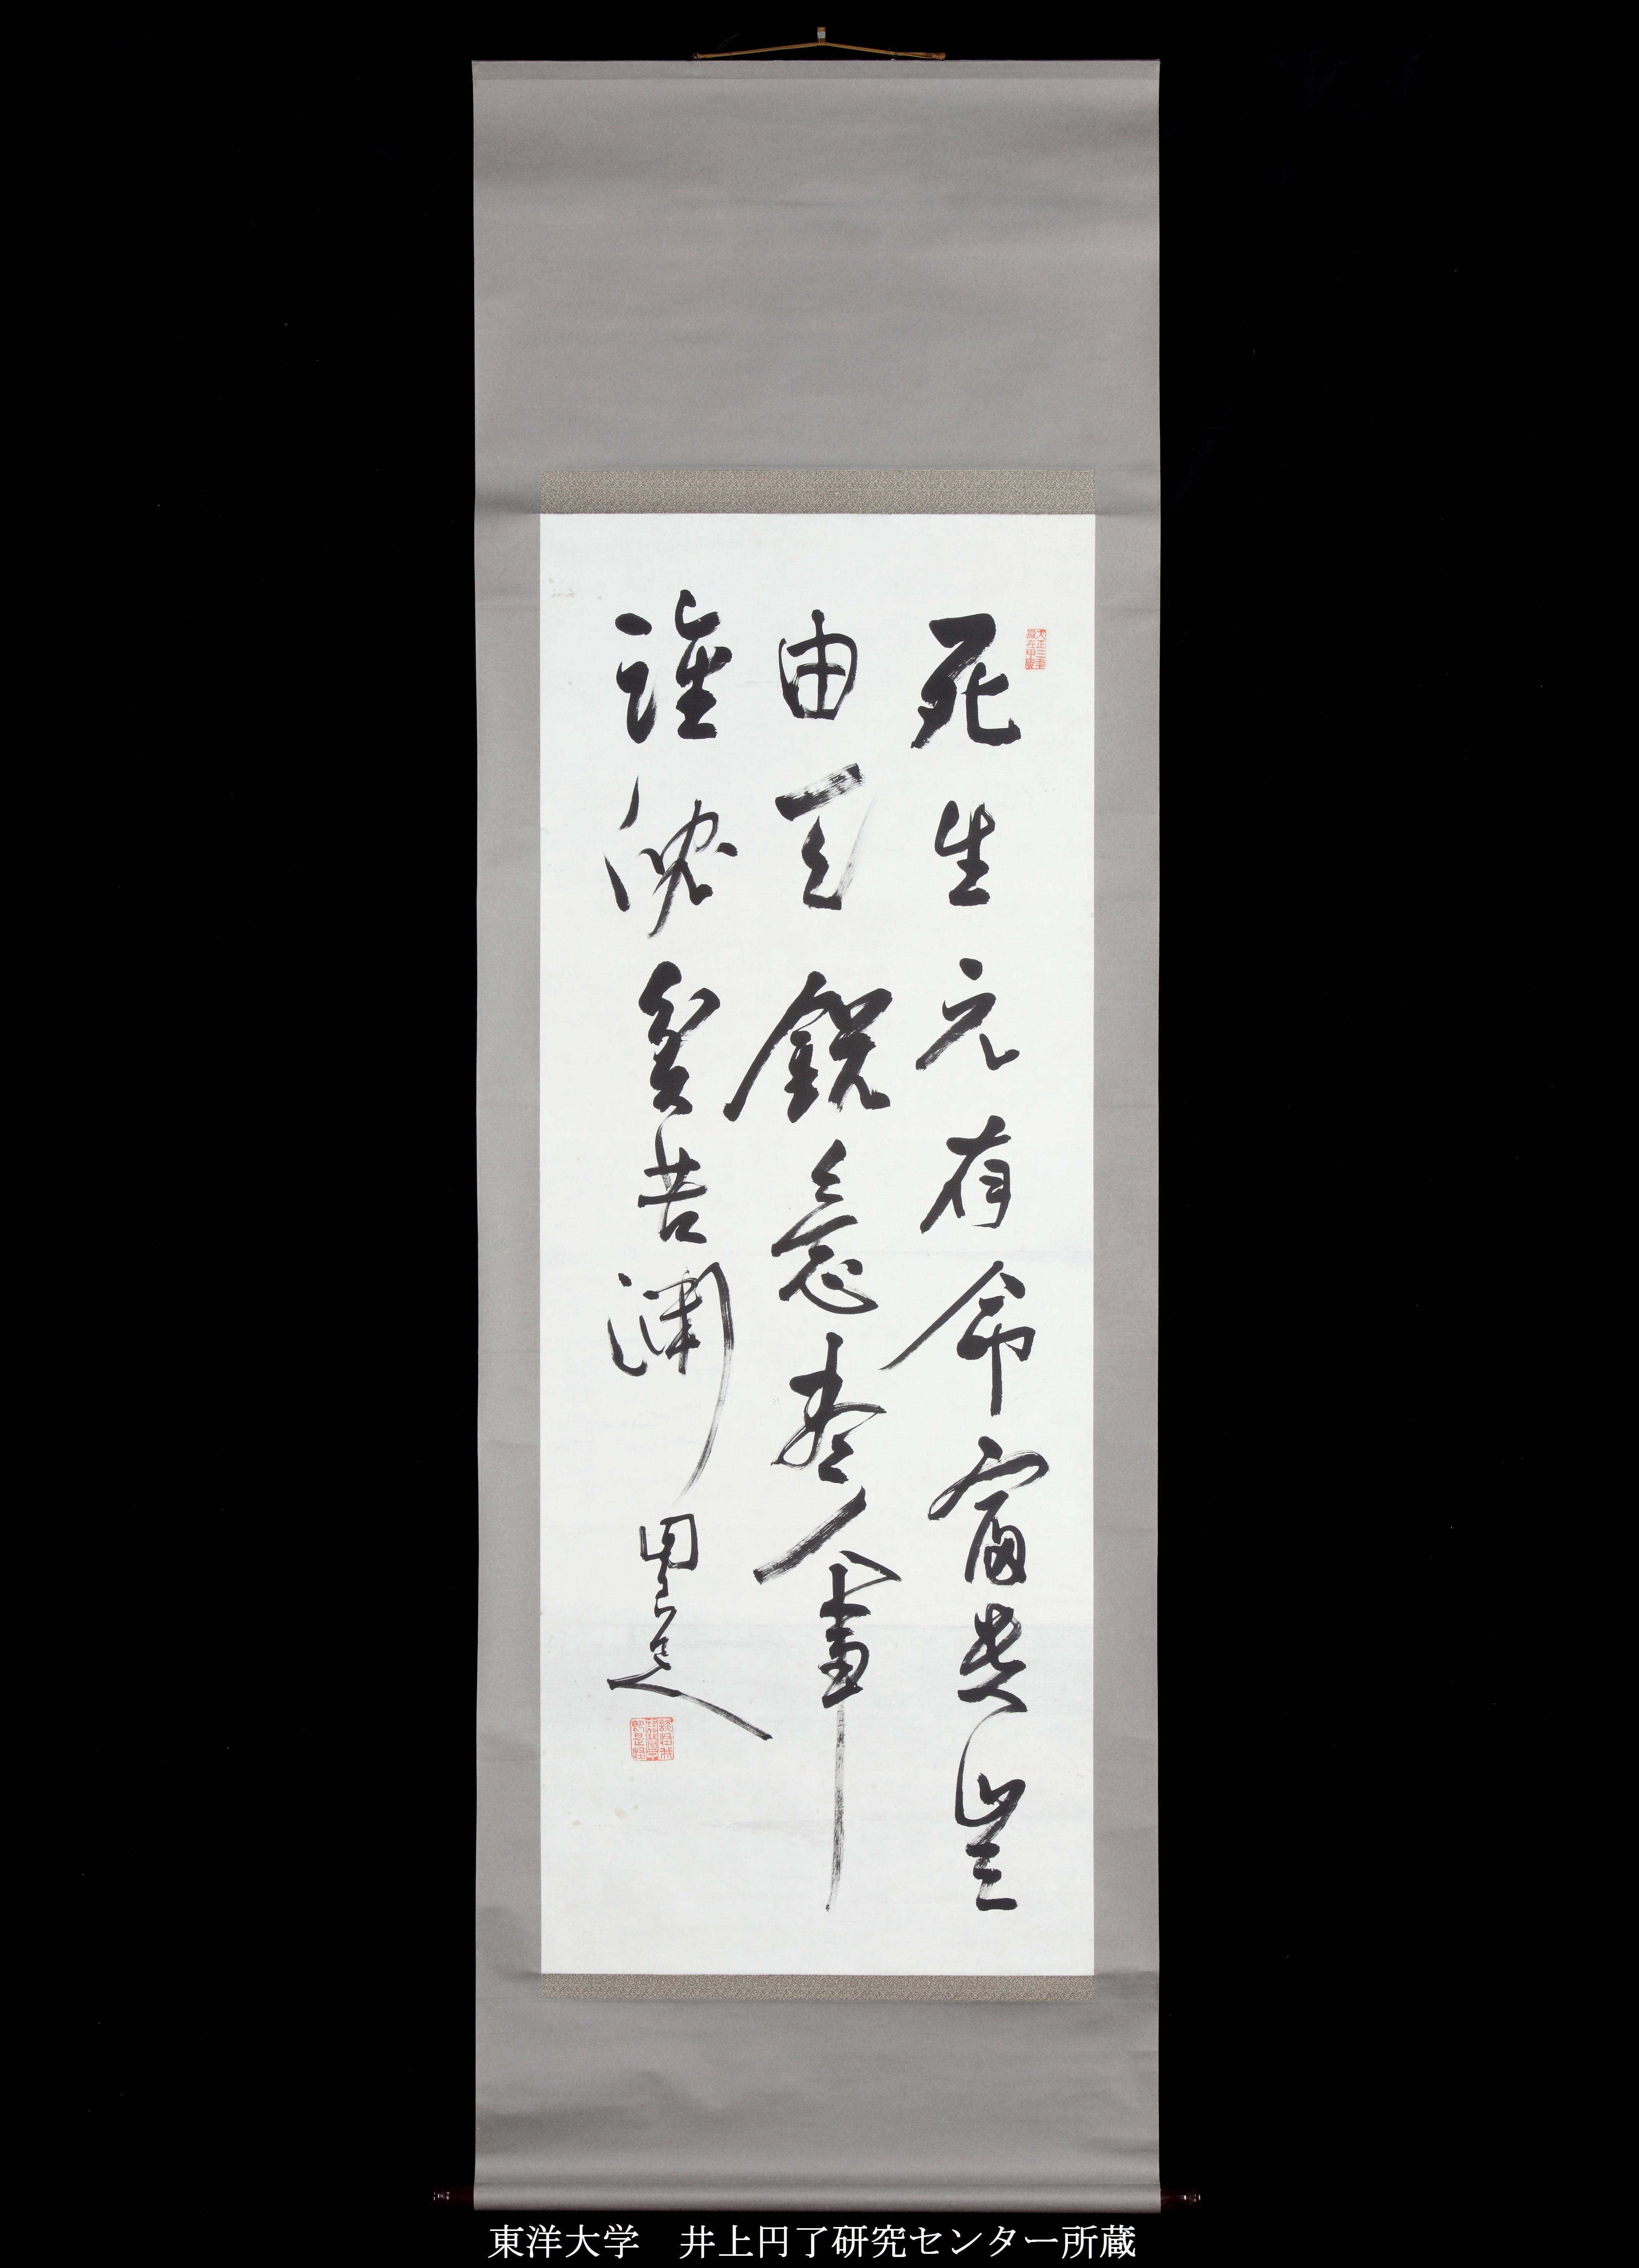 井上円了の書 No.061